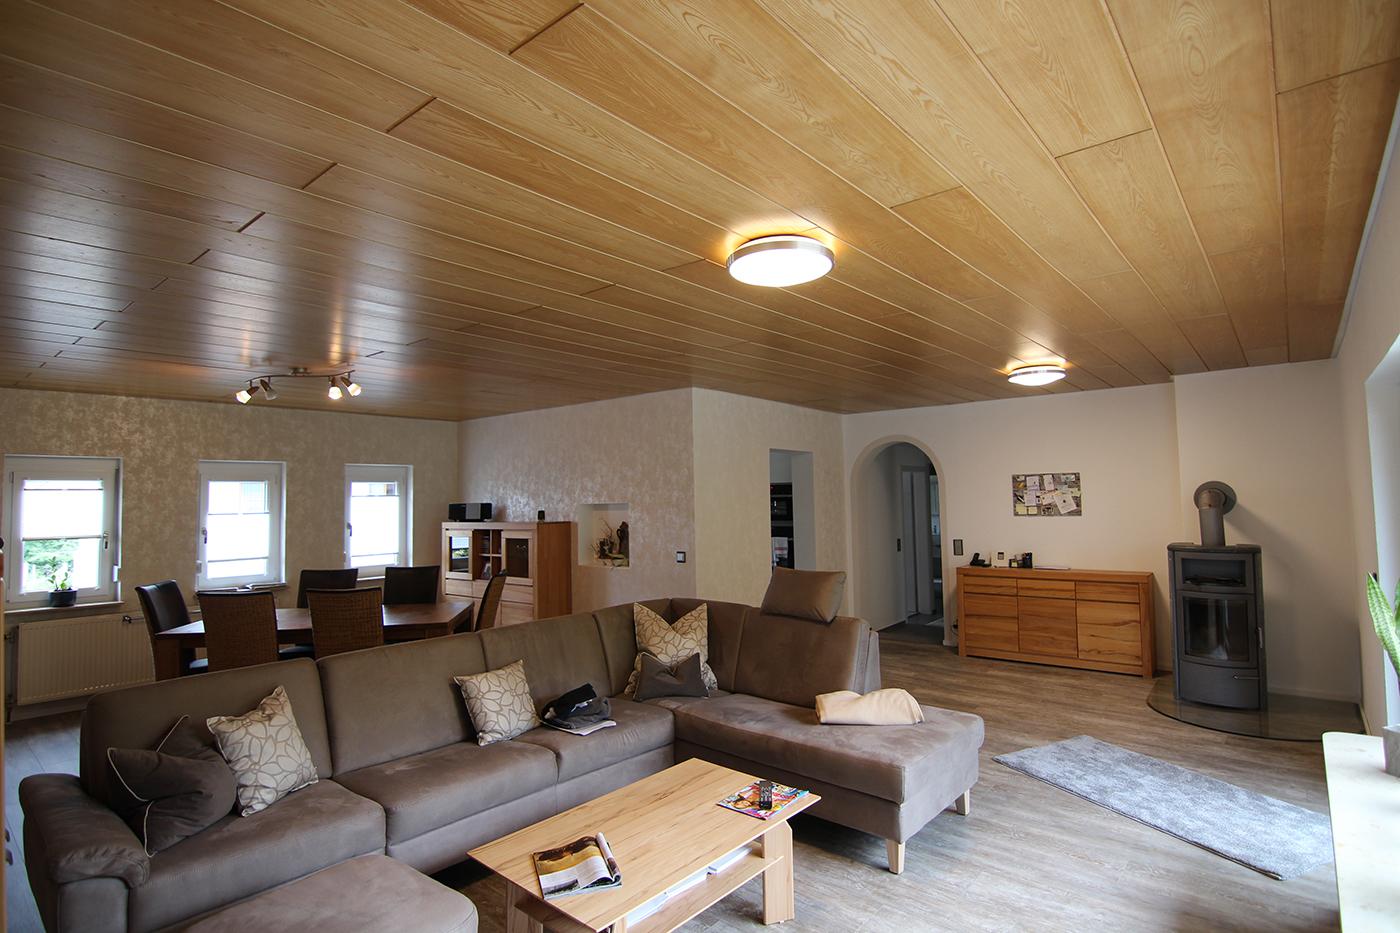 Spanndecke - Wohnzimmer - weiß matt